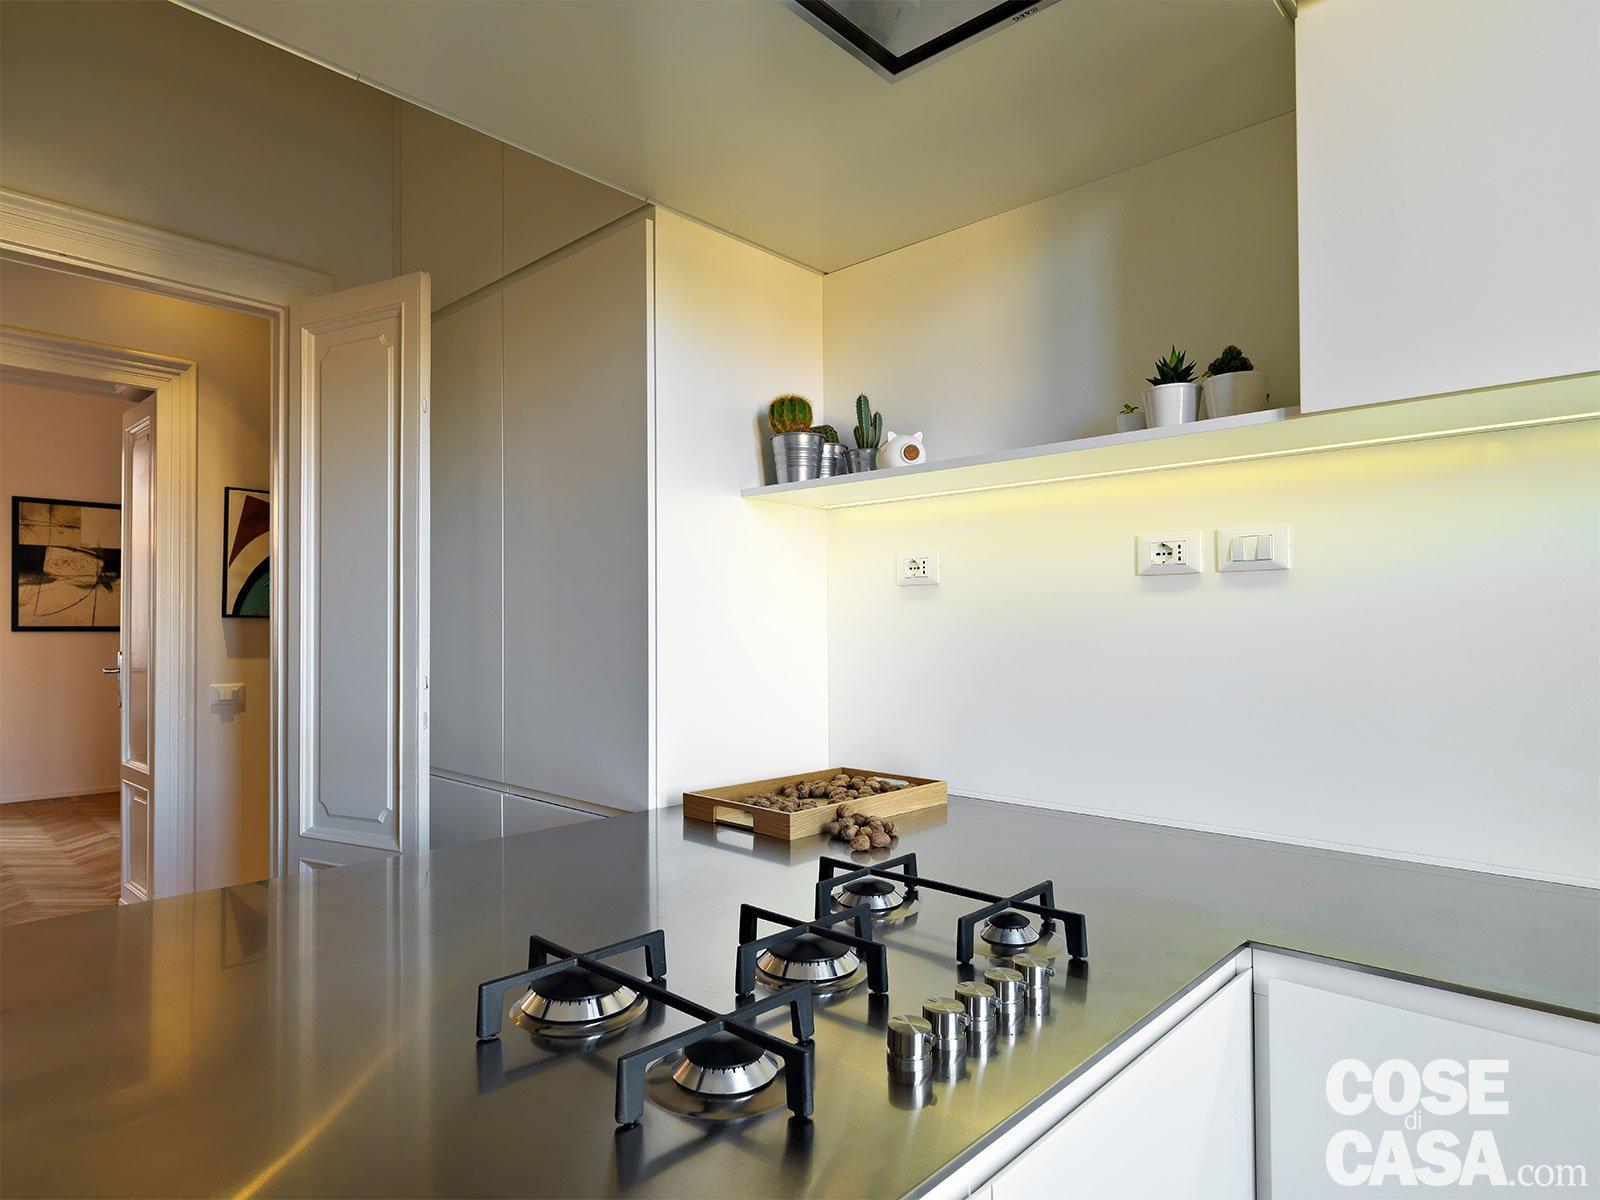 Camera Ospiti Per Vano Cucina : 110 mq con una parete in vetro per dividere soggiorno e corridoio e